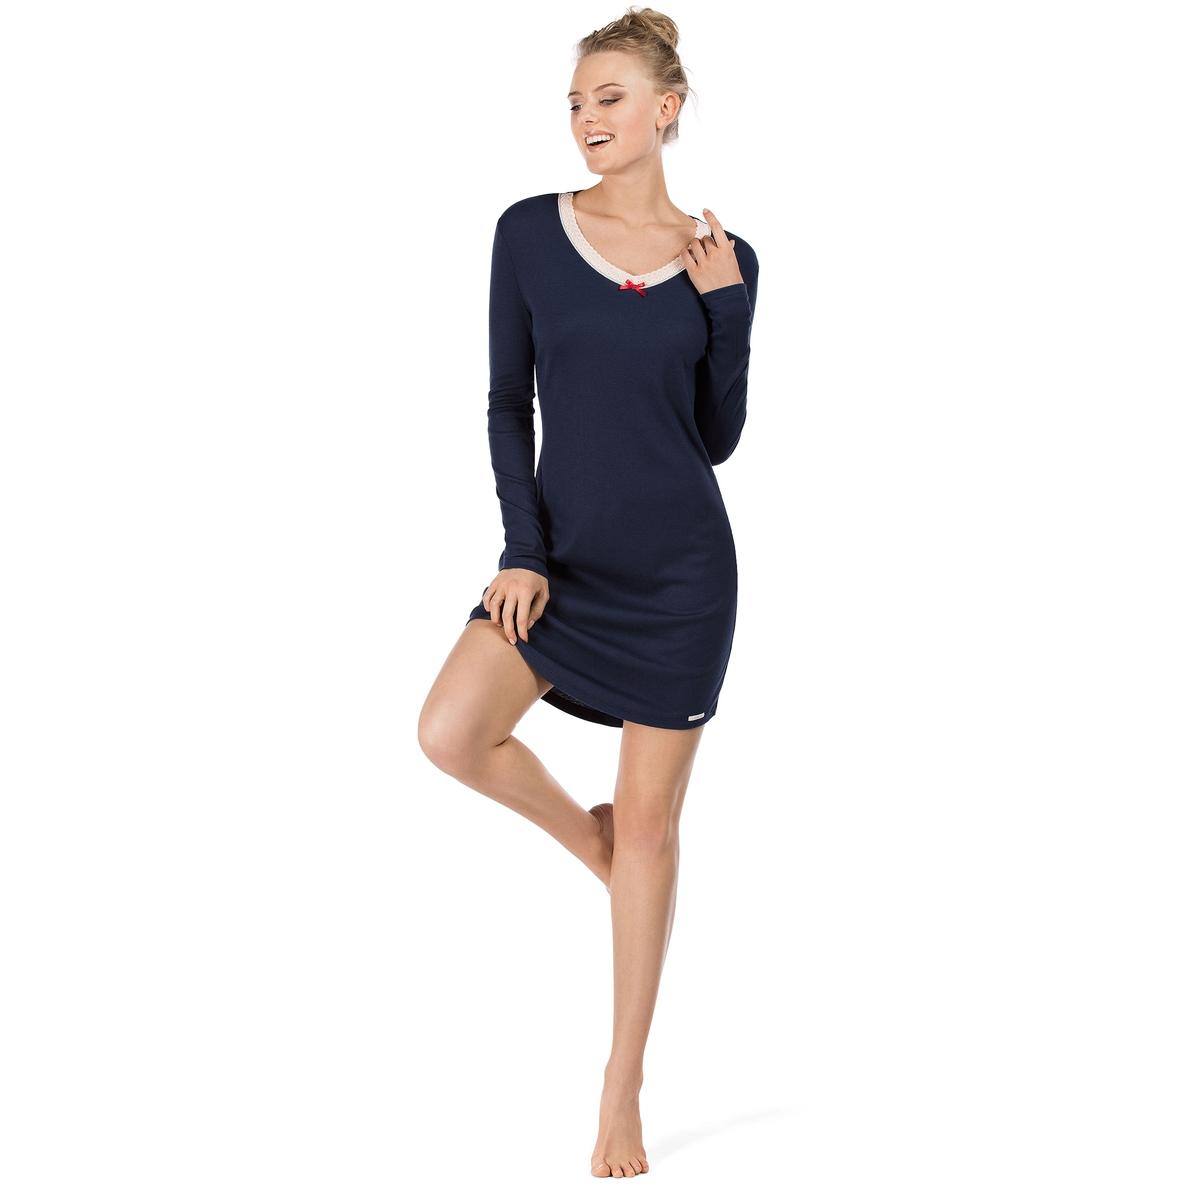 Рубашка ночная Hanami LoveСостав и детали :Основной материал : 50% хлопка, 50% модалаМарка : SKINYУходМашинная стирка при 30°Стирать вместе с одеждой подобных цветов<br><br>Цвет: синий морской